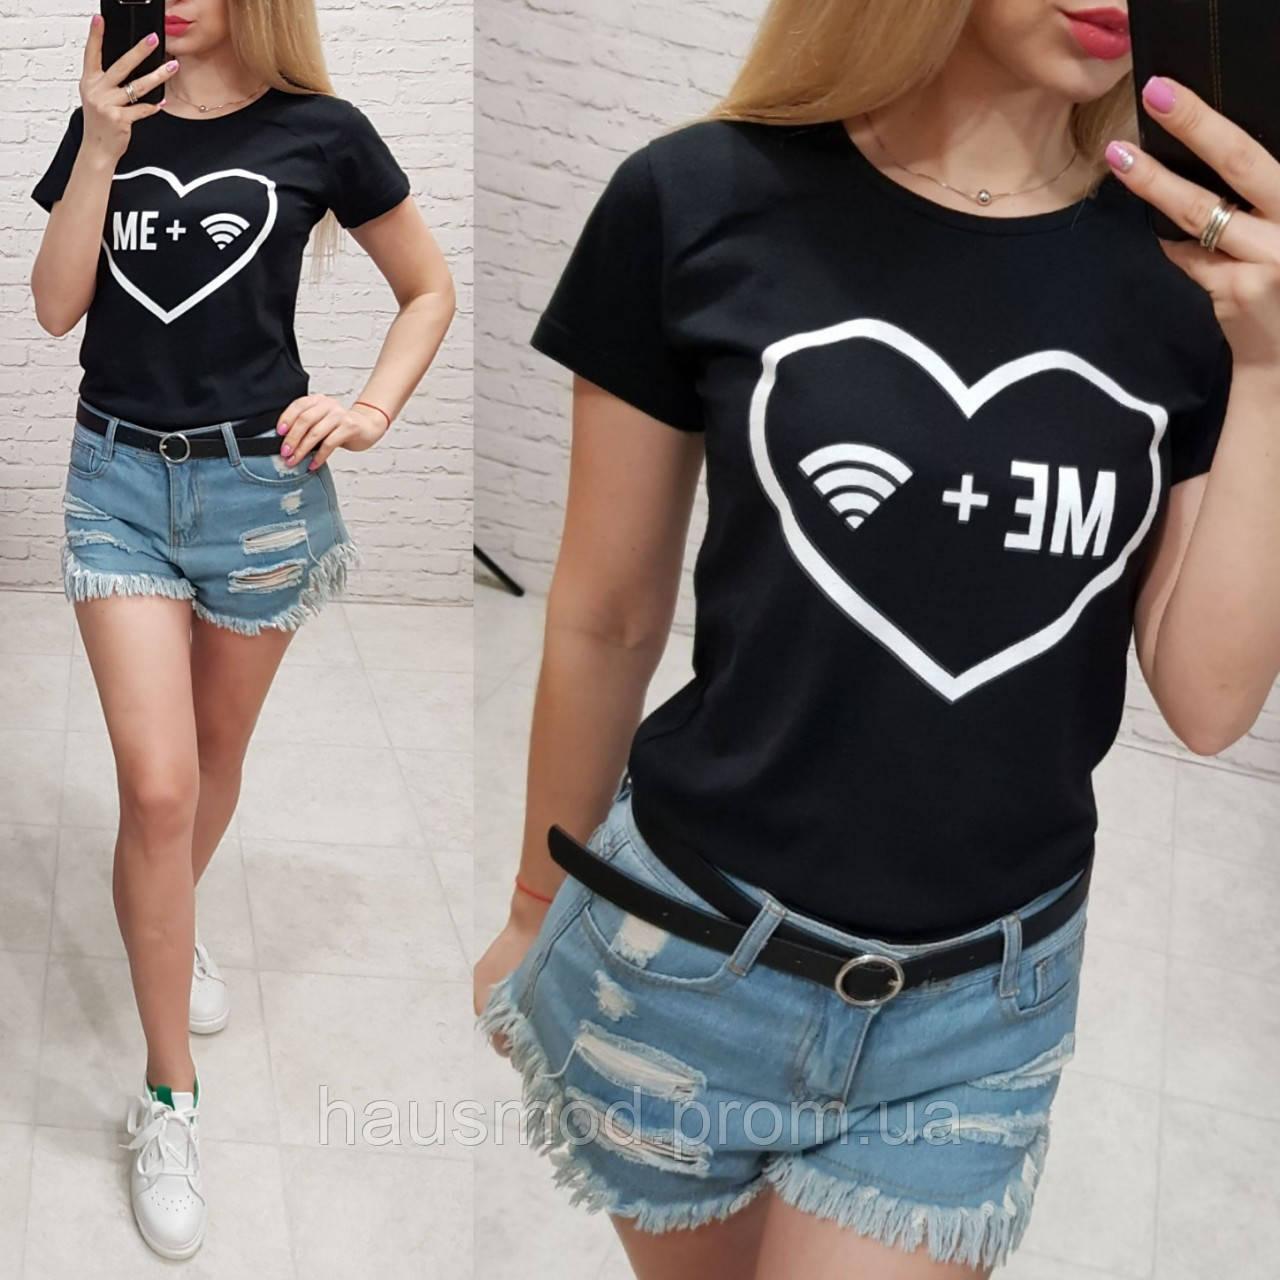 Женская футболка летняя качество Me + Wifi турция 100% катон цвет черный